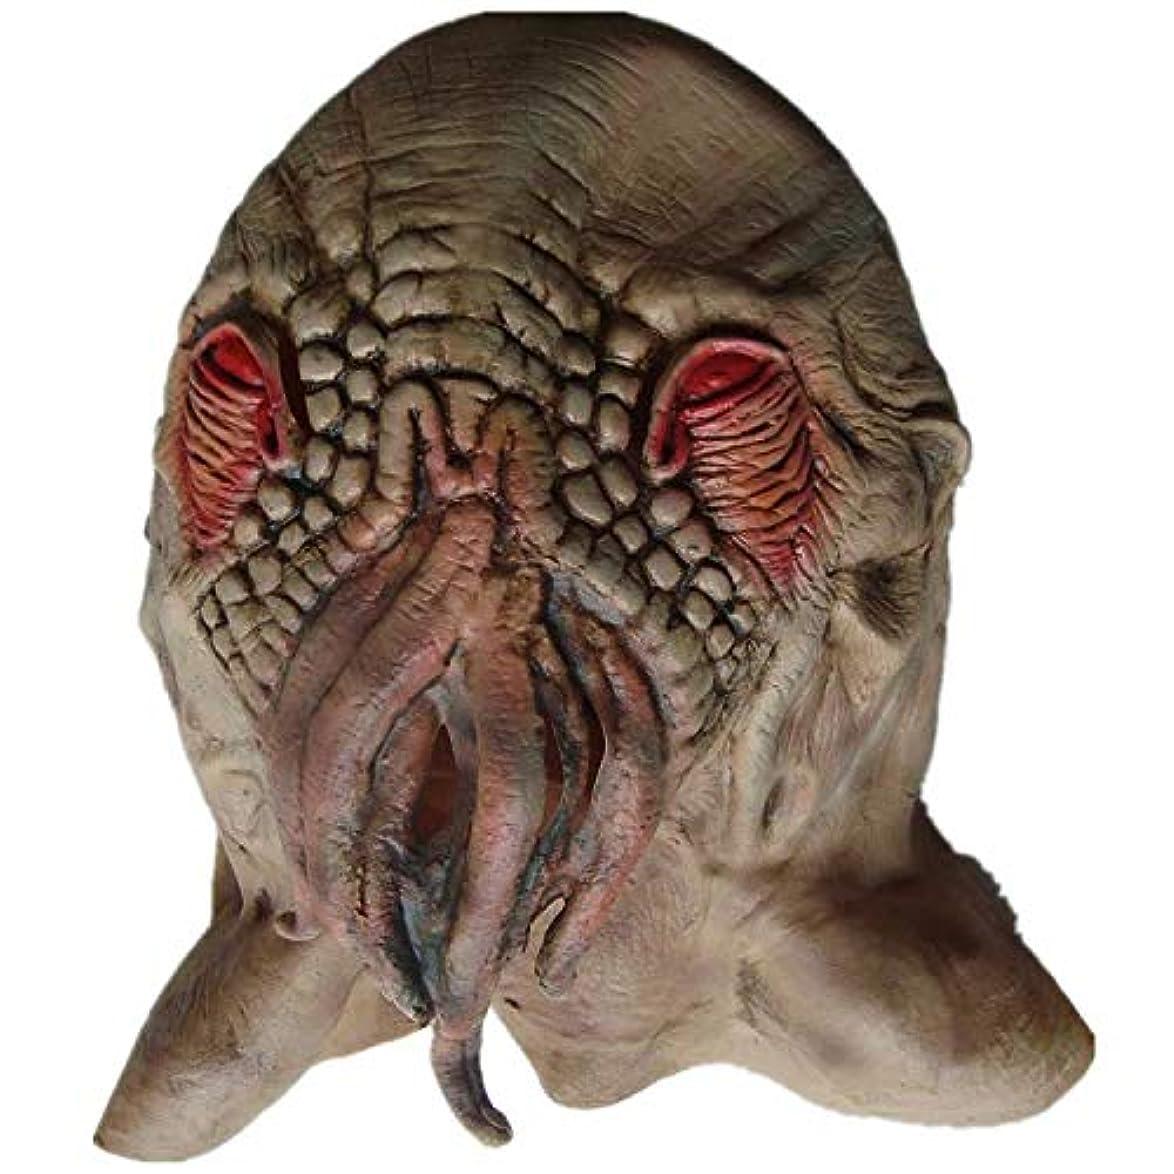 眩惑するアパートパッチ動物の頭部カバーラテックスエイリアンモンスタータコはタコハロウィンドレスアップマスクマスク